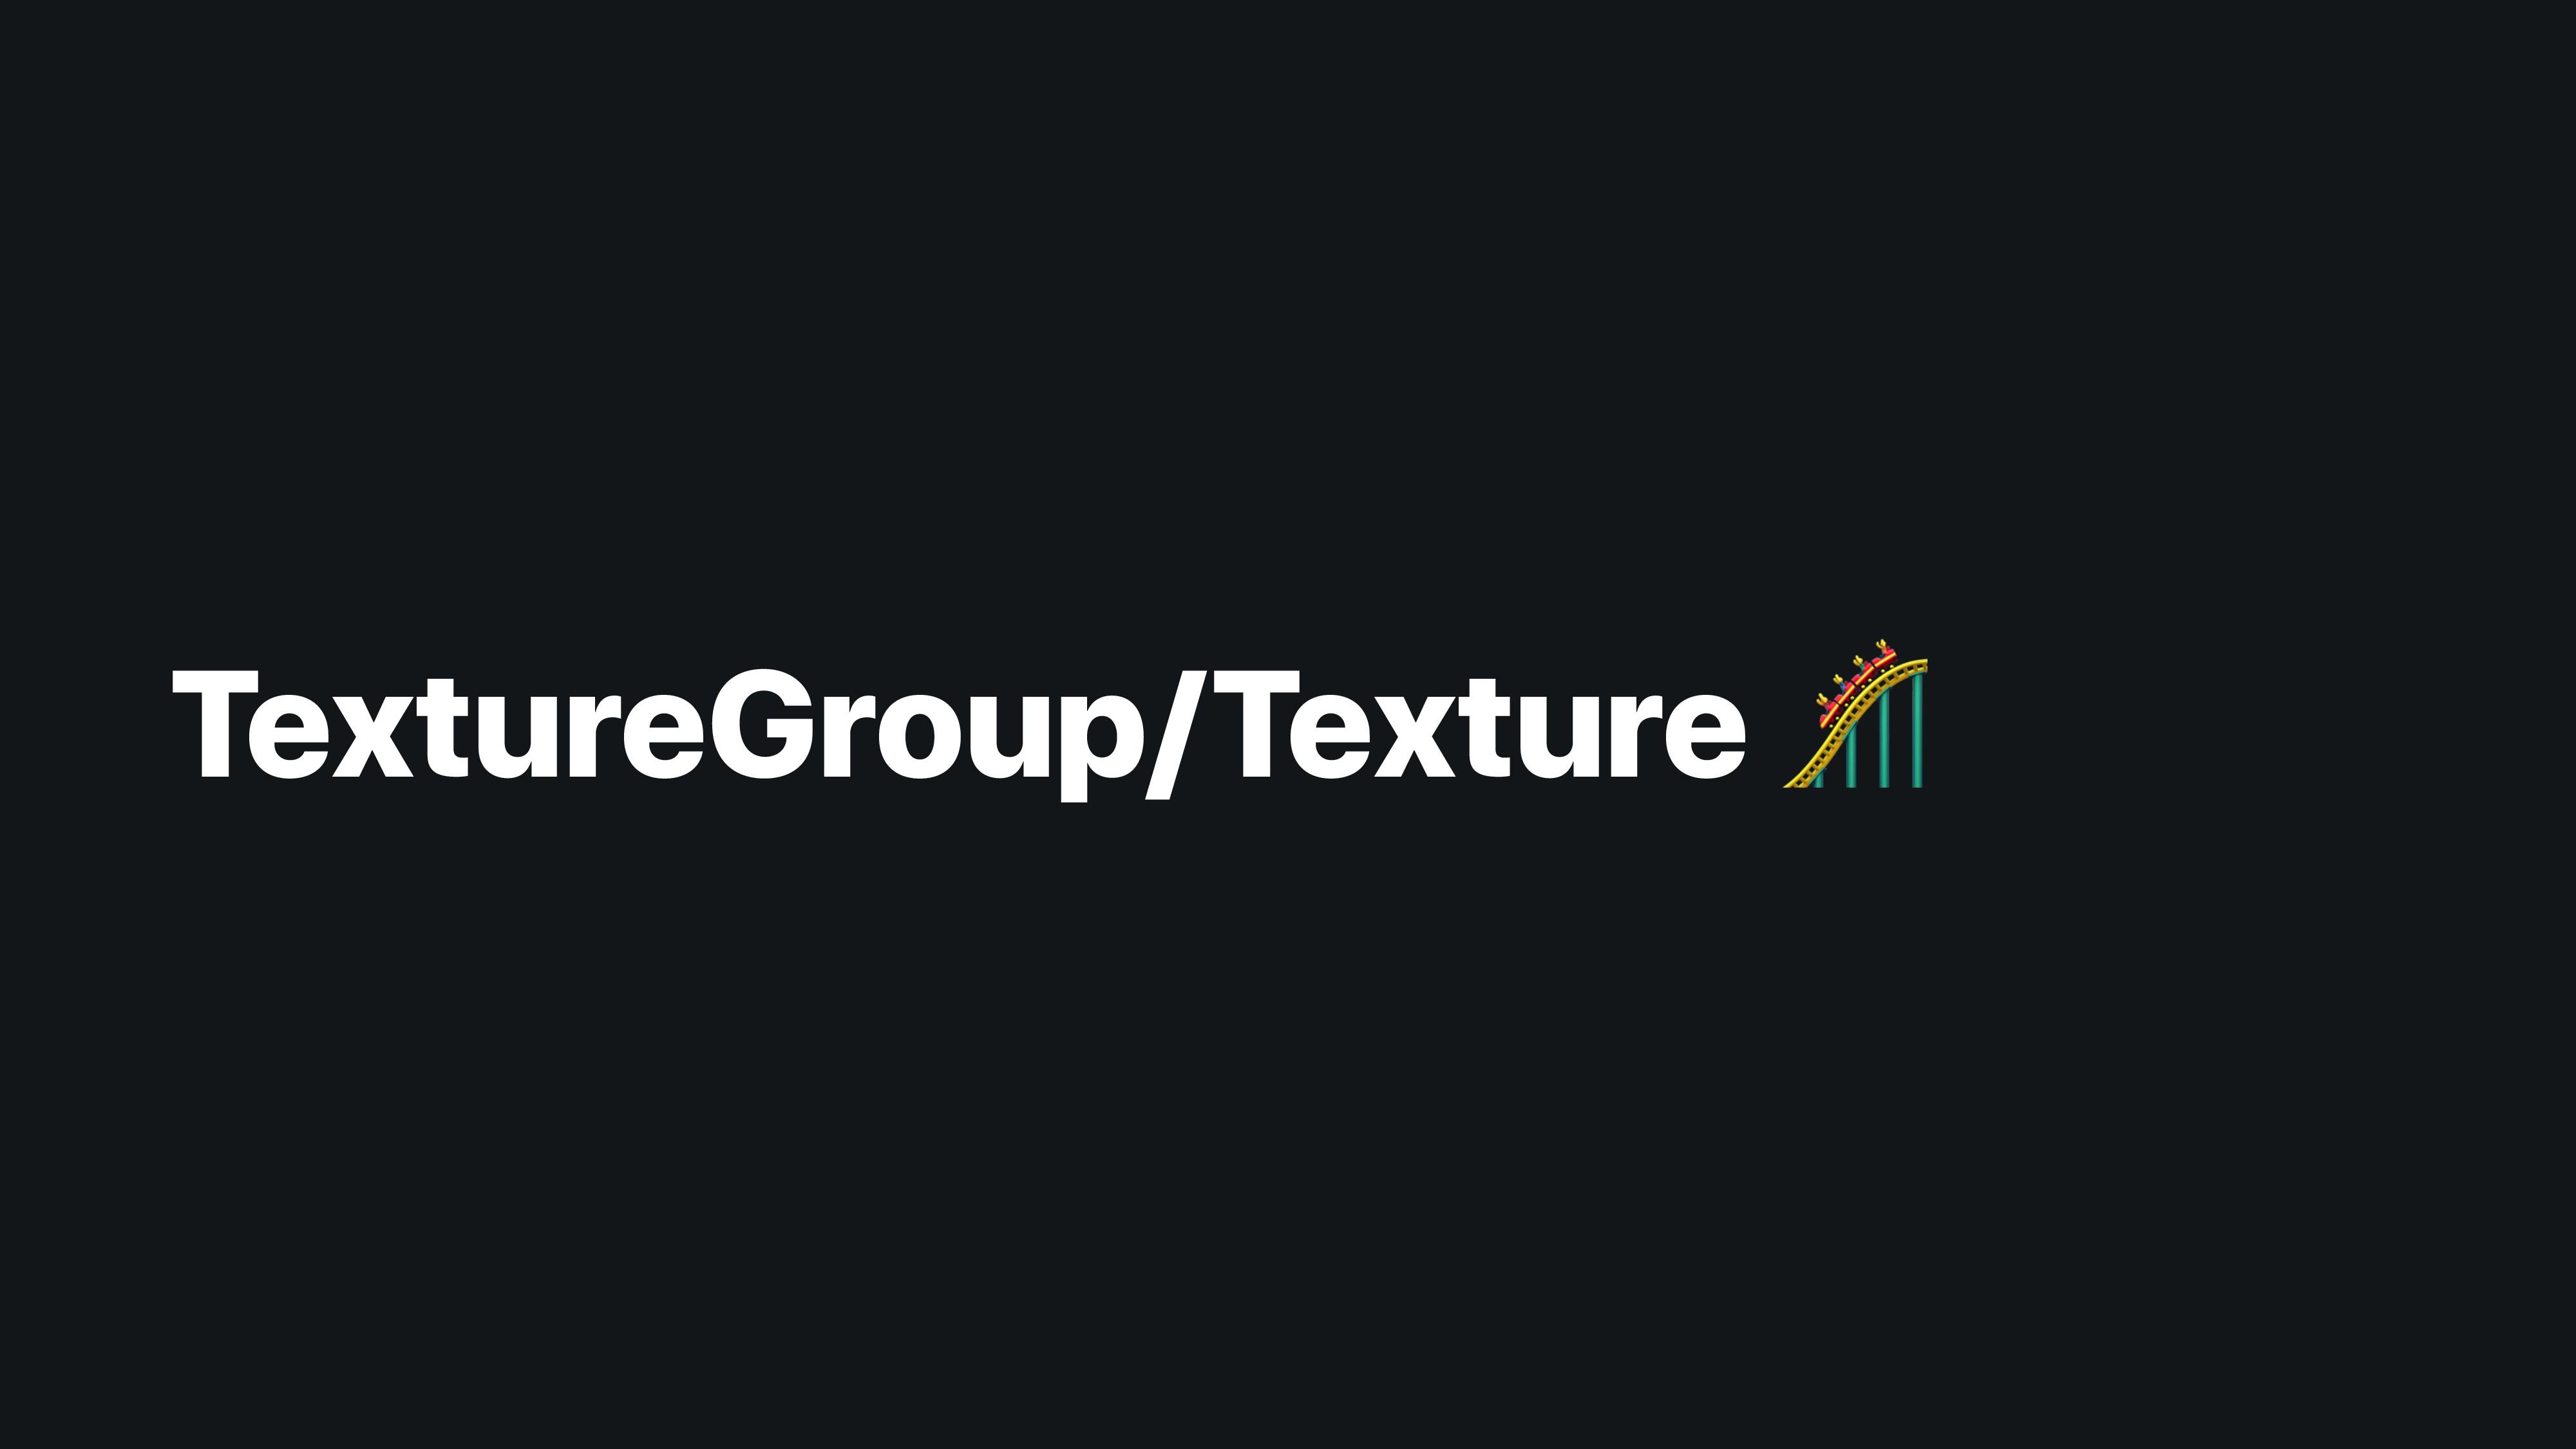 TextureGroup/Texture